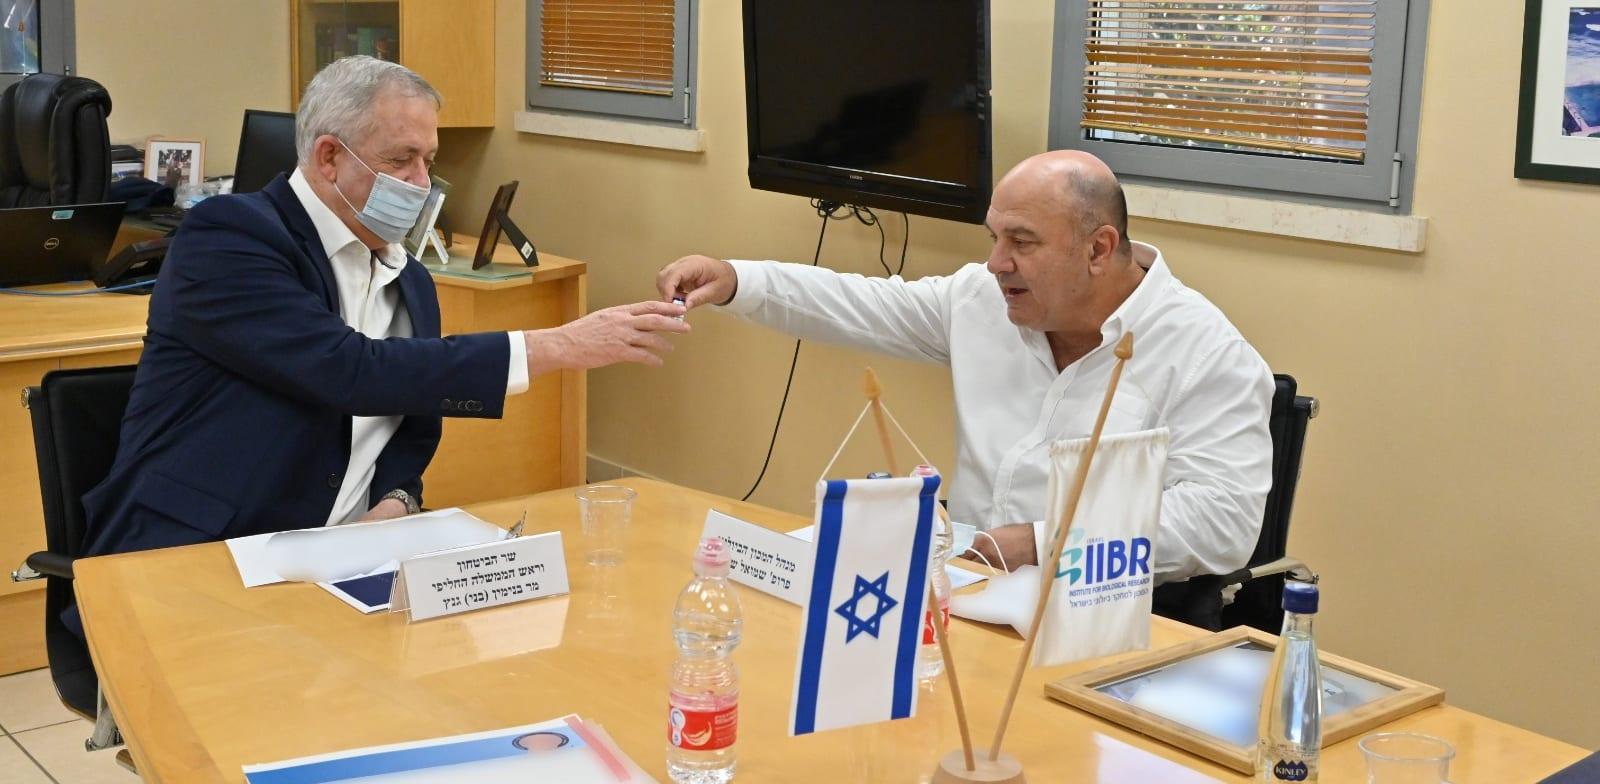 מימין: פרופ' שמואל שפירא, מנהל המכון הביולוגי, ושר הביטחון בני גנץ / צילום: אריאל חרמוני - משרד הבטחון